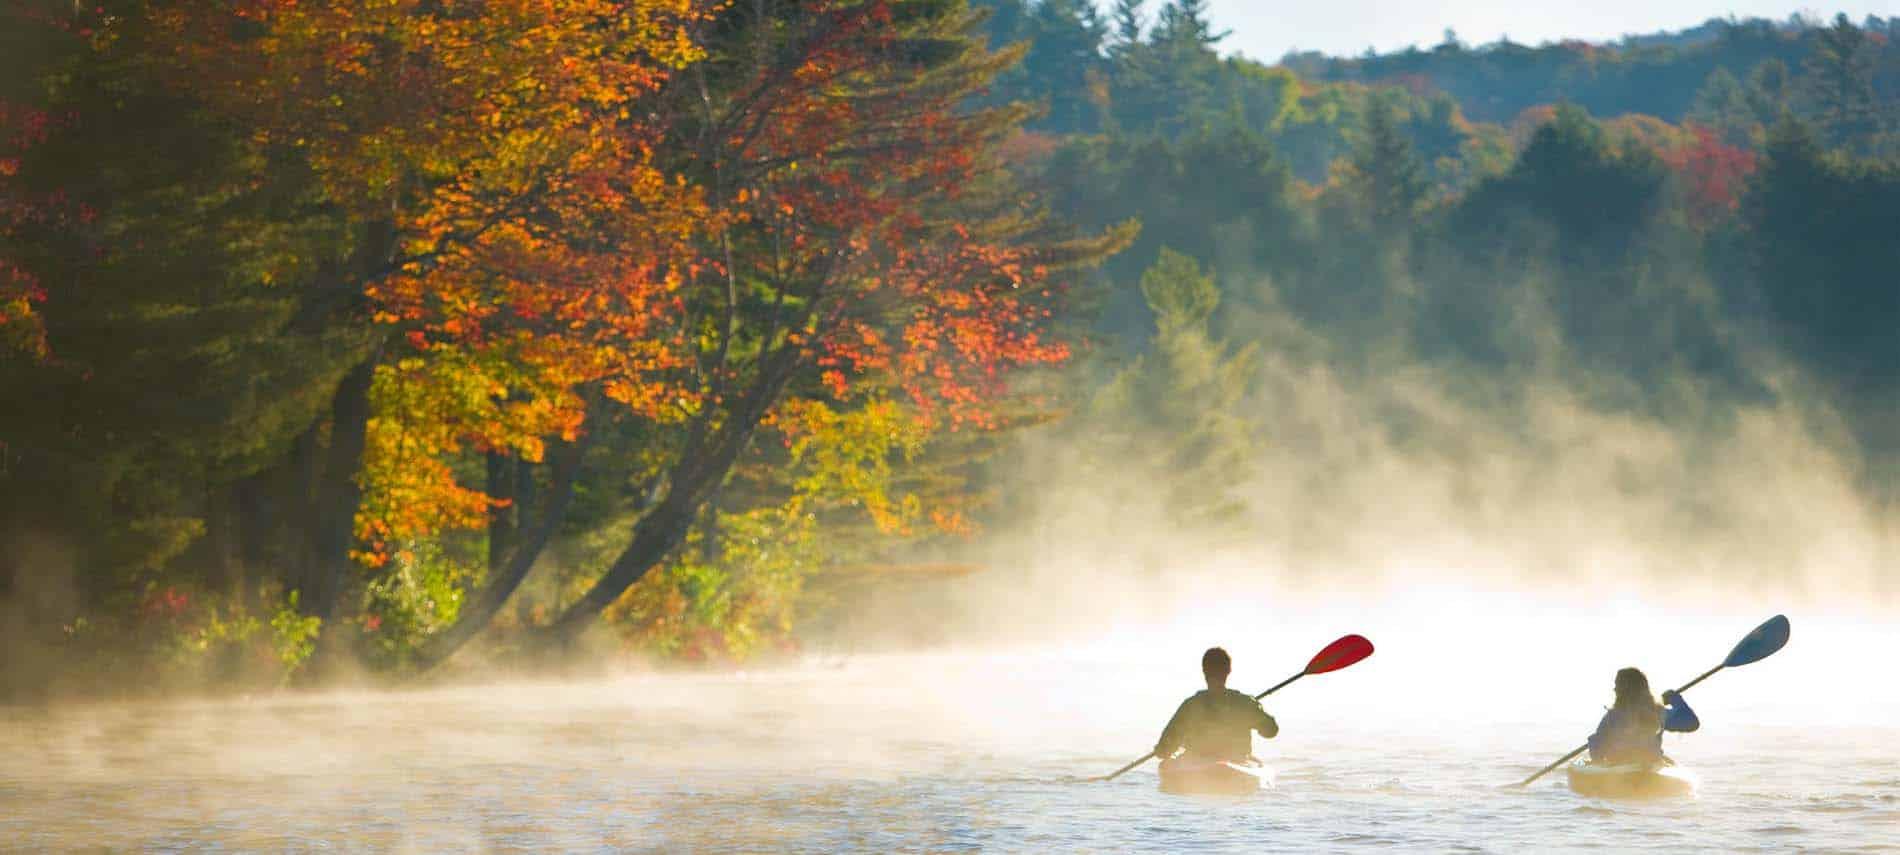 2 kayaks on misty vermont mountain lake